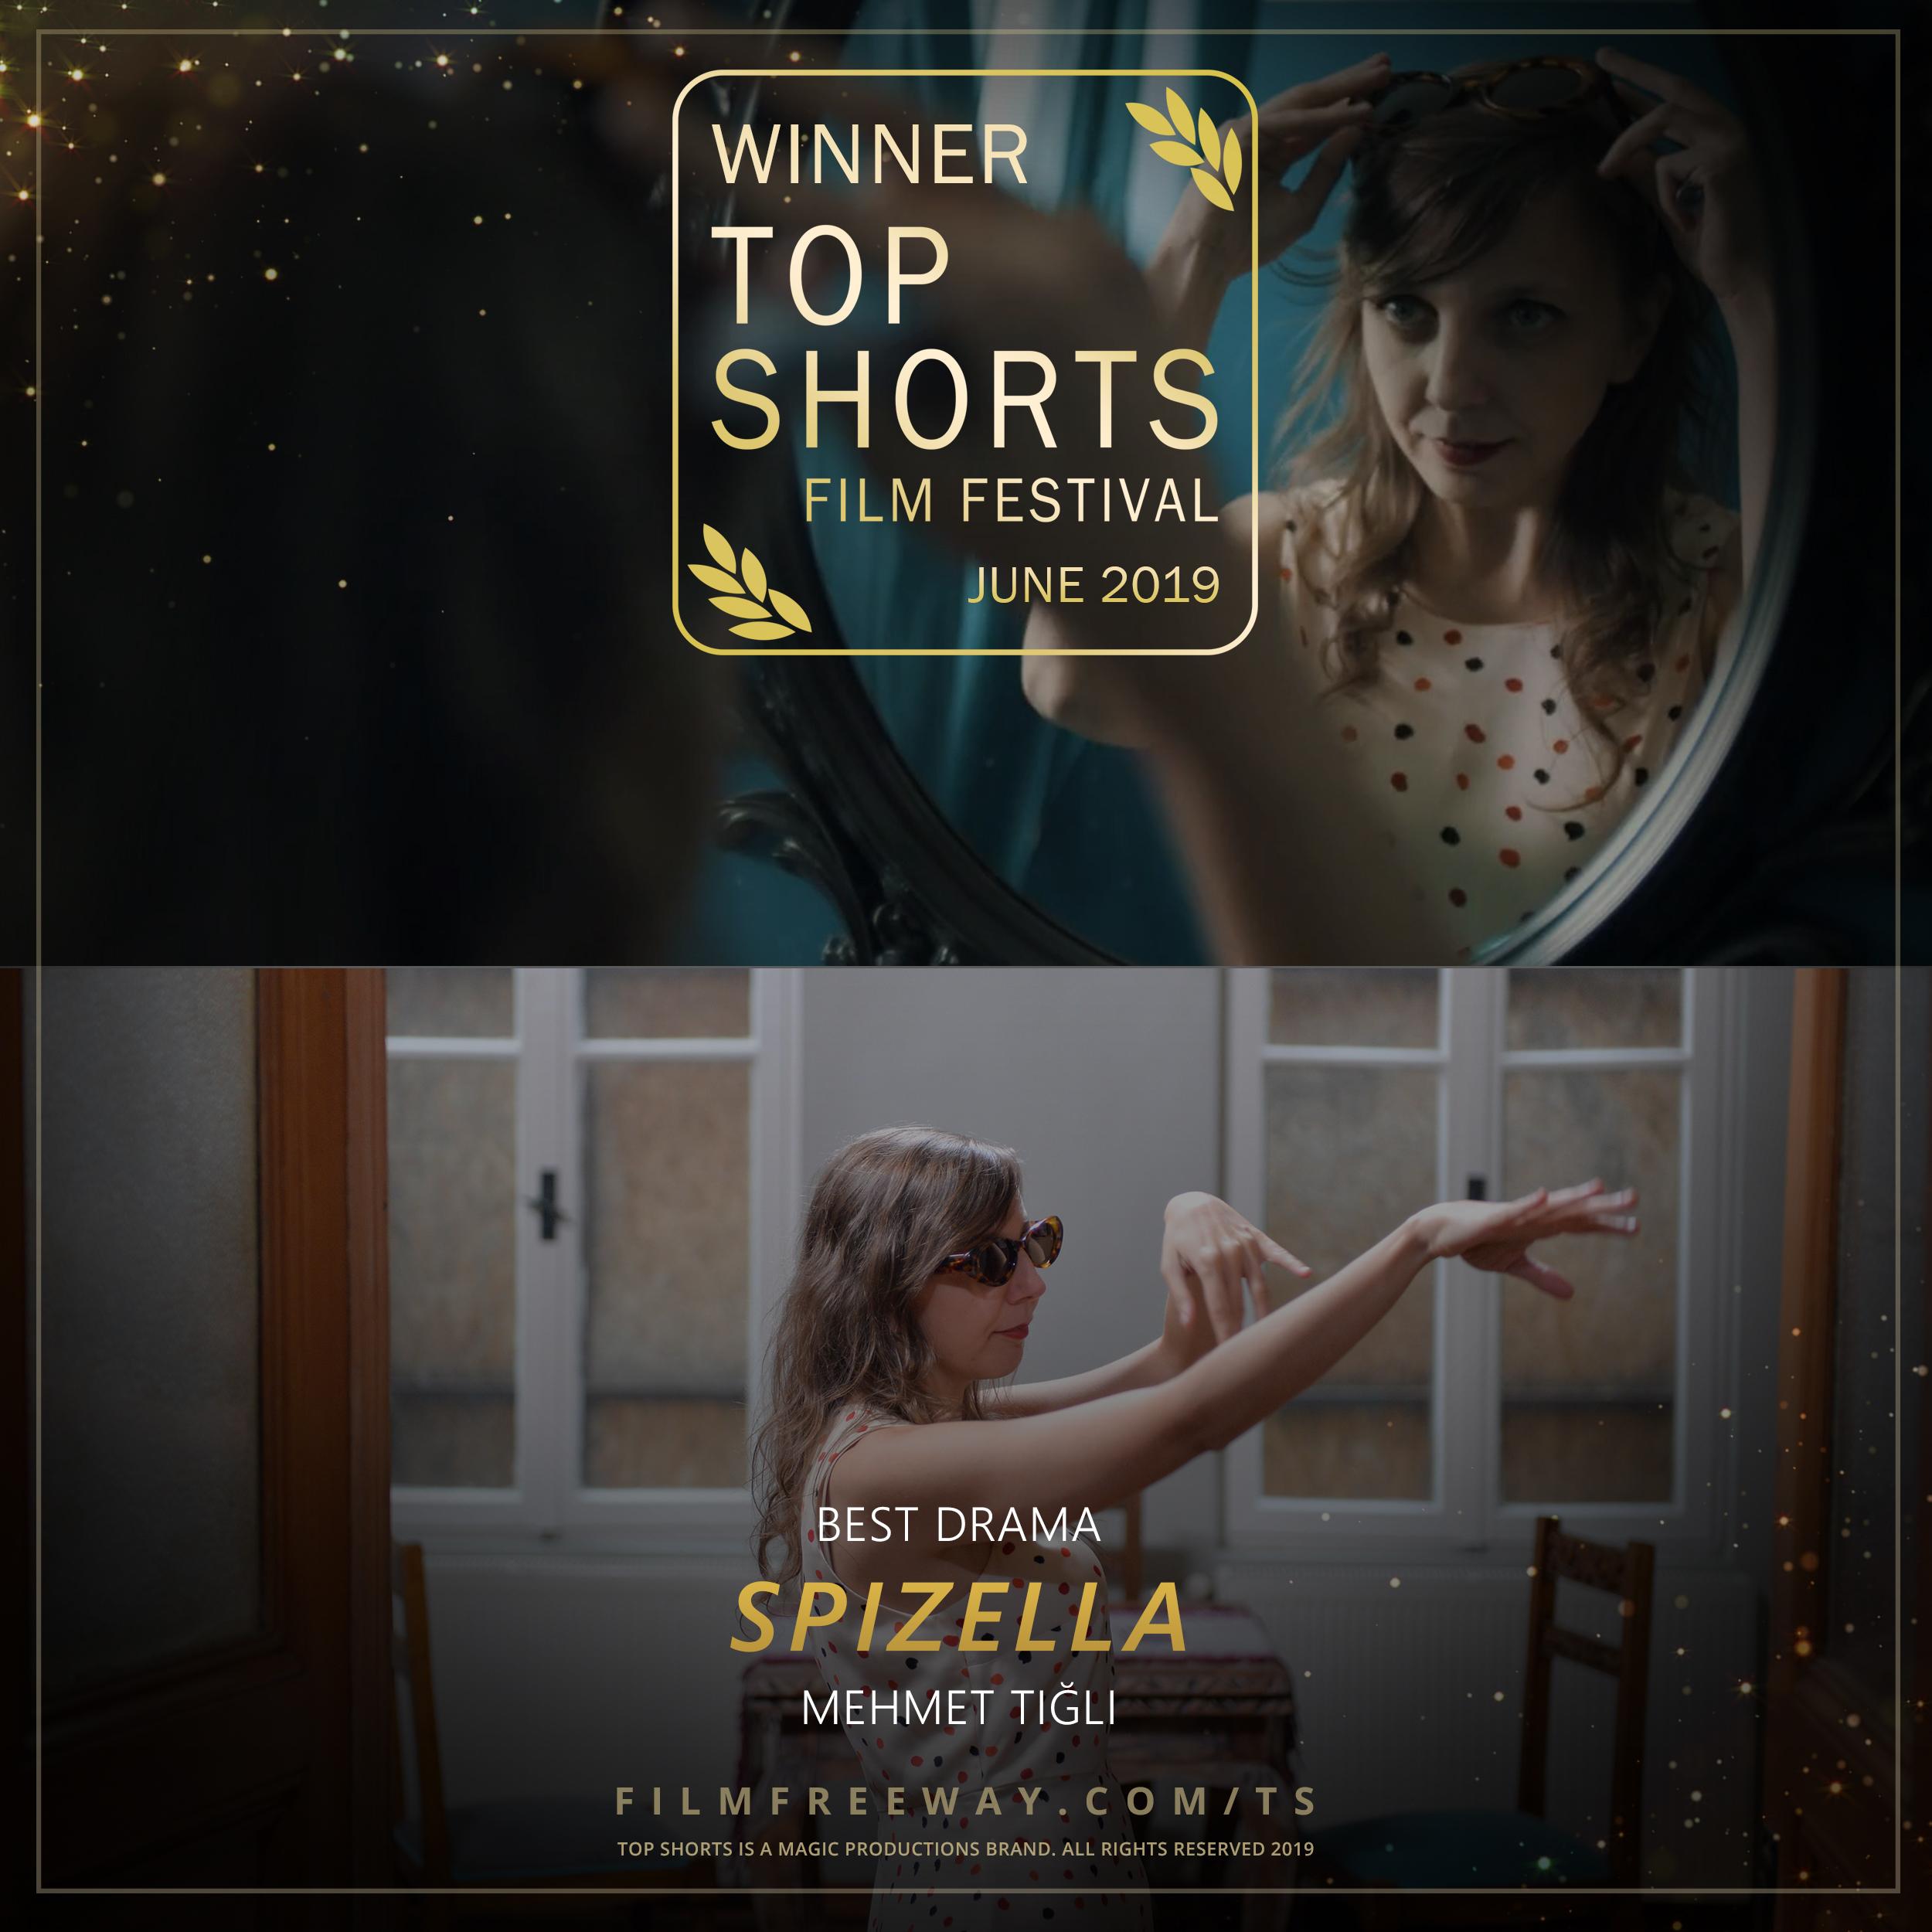 Spizella design